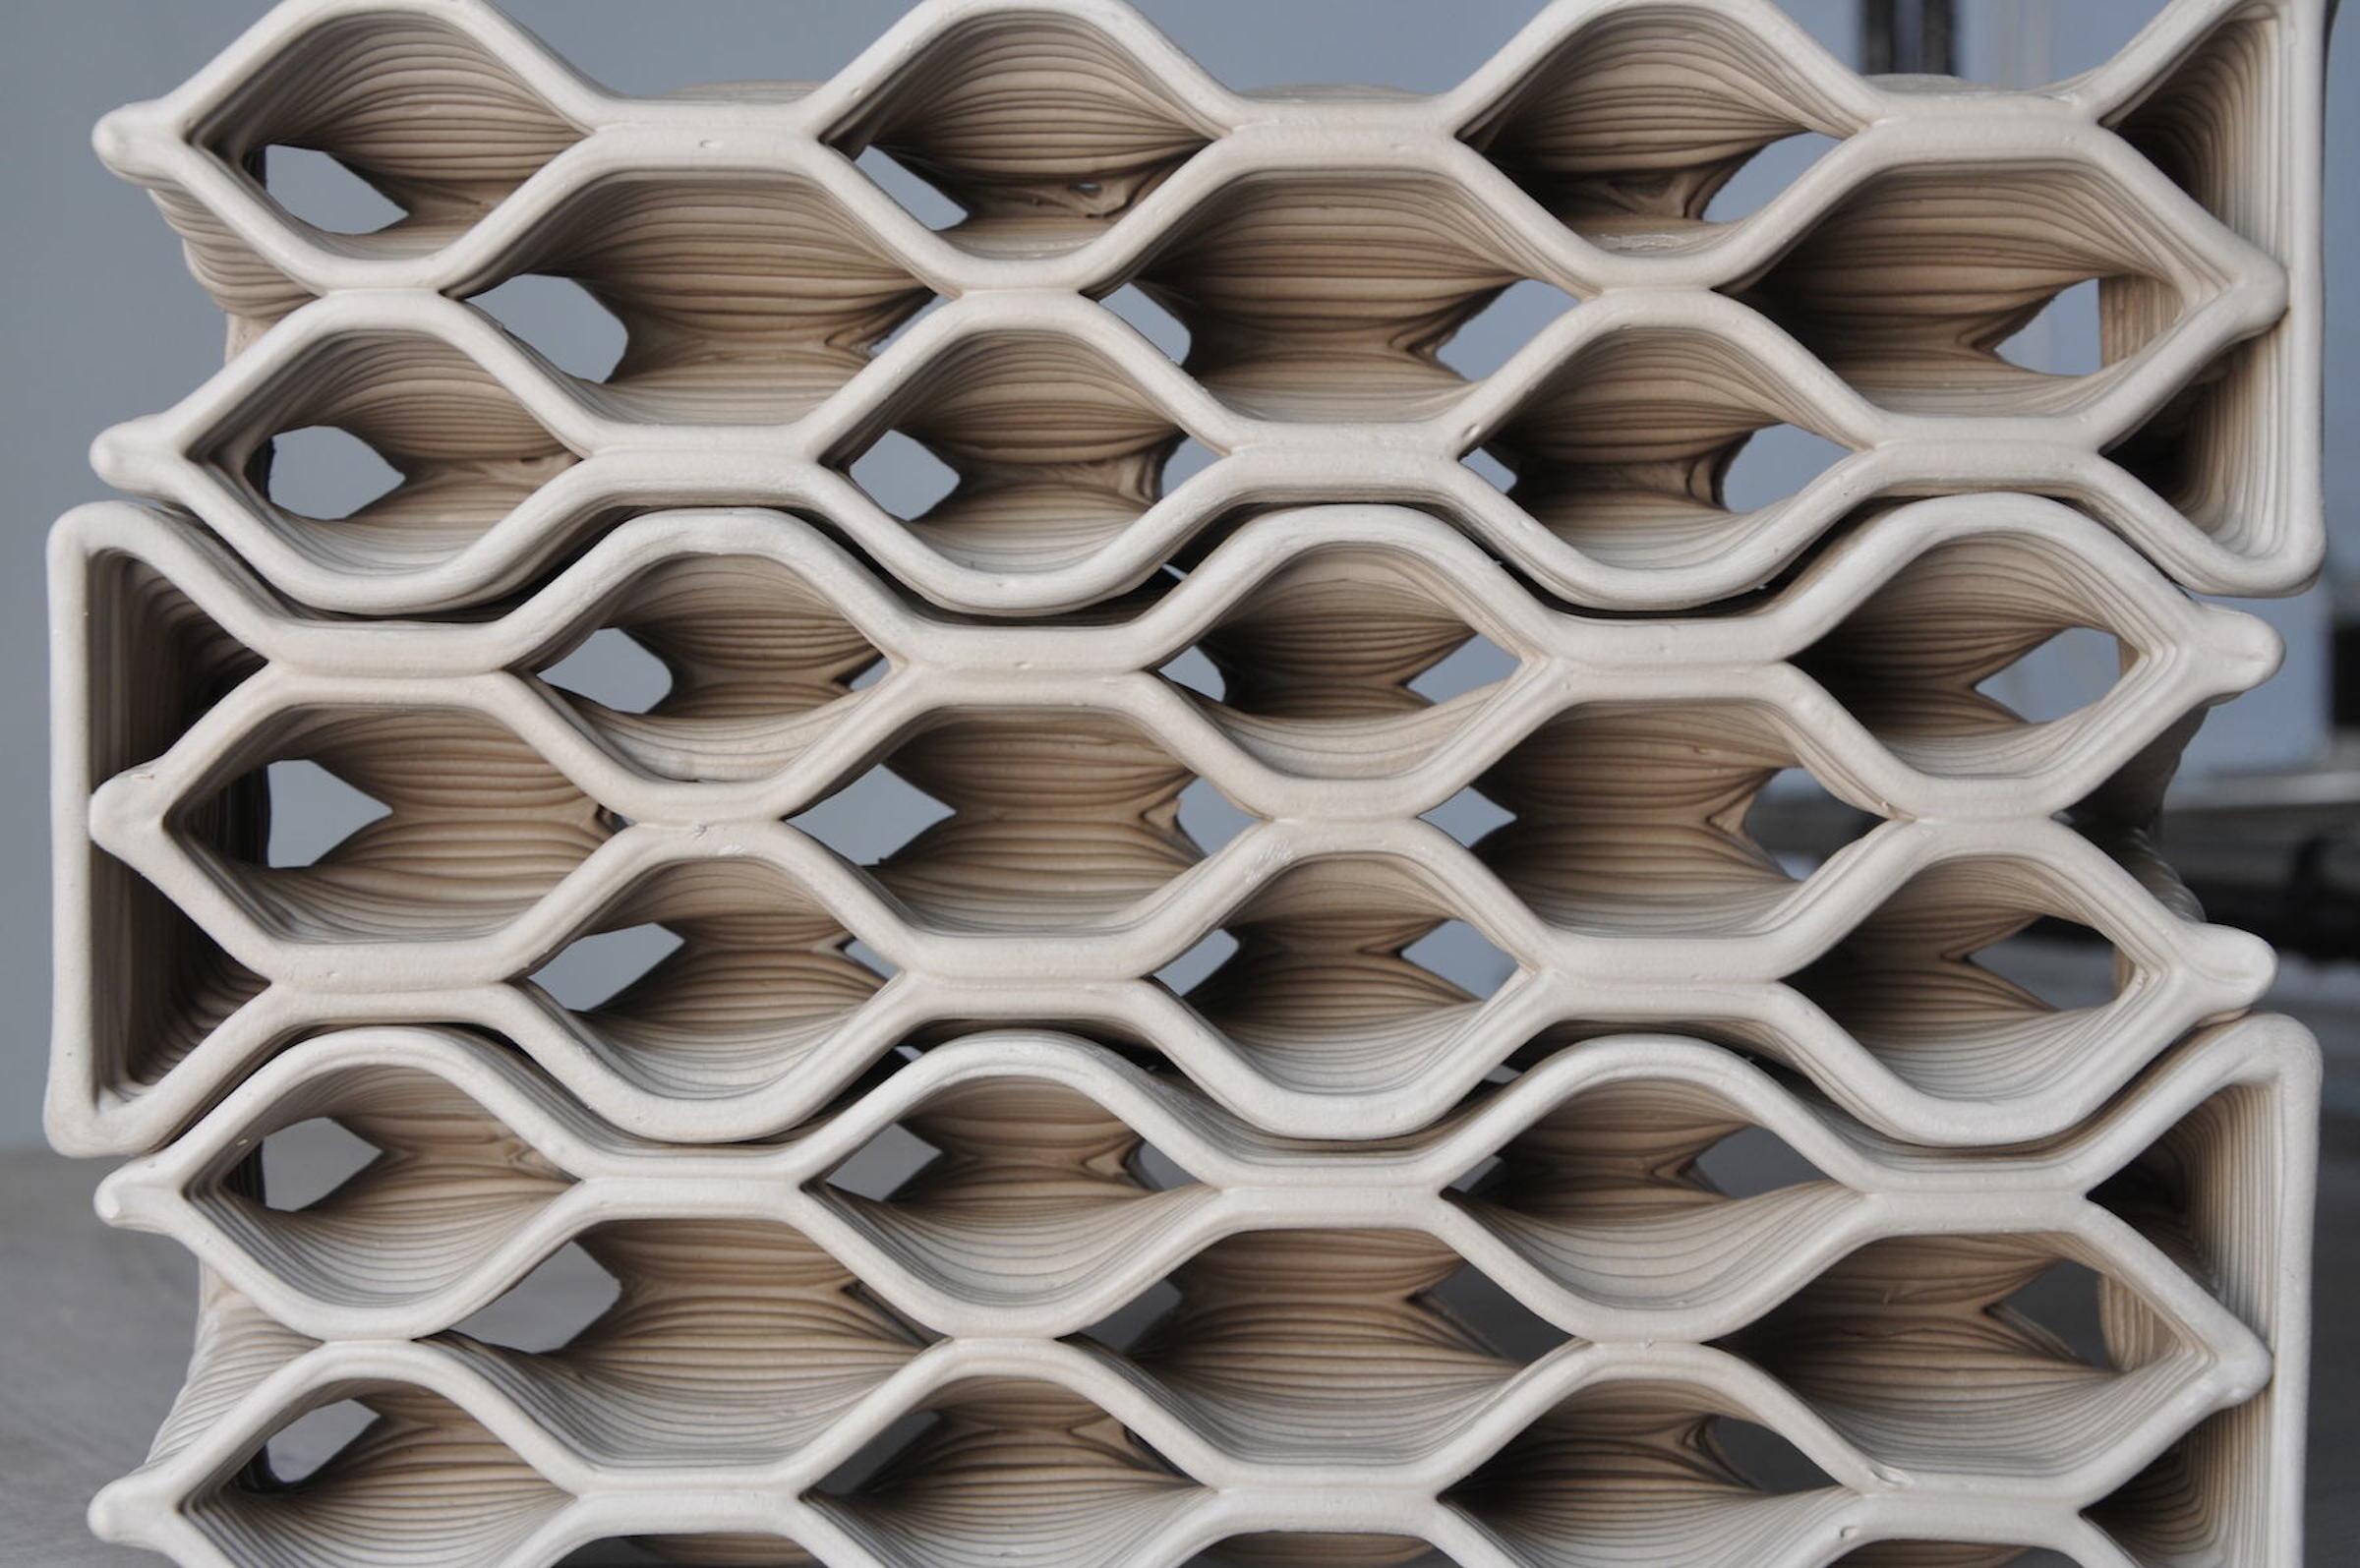 3D Printed Ceramic Bricks